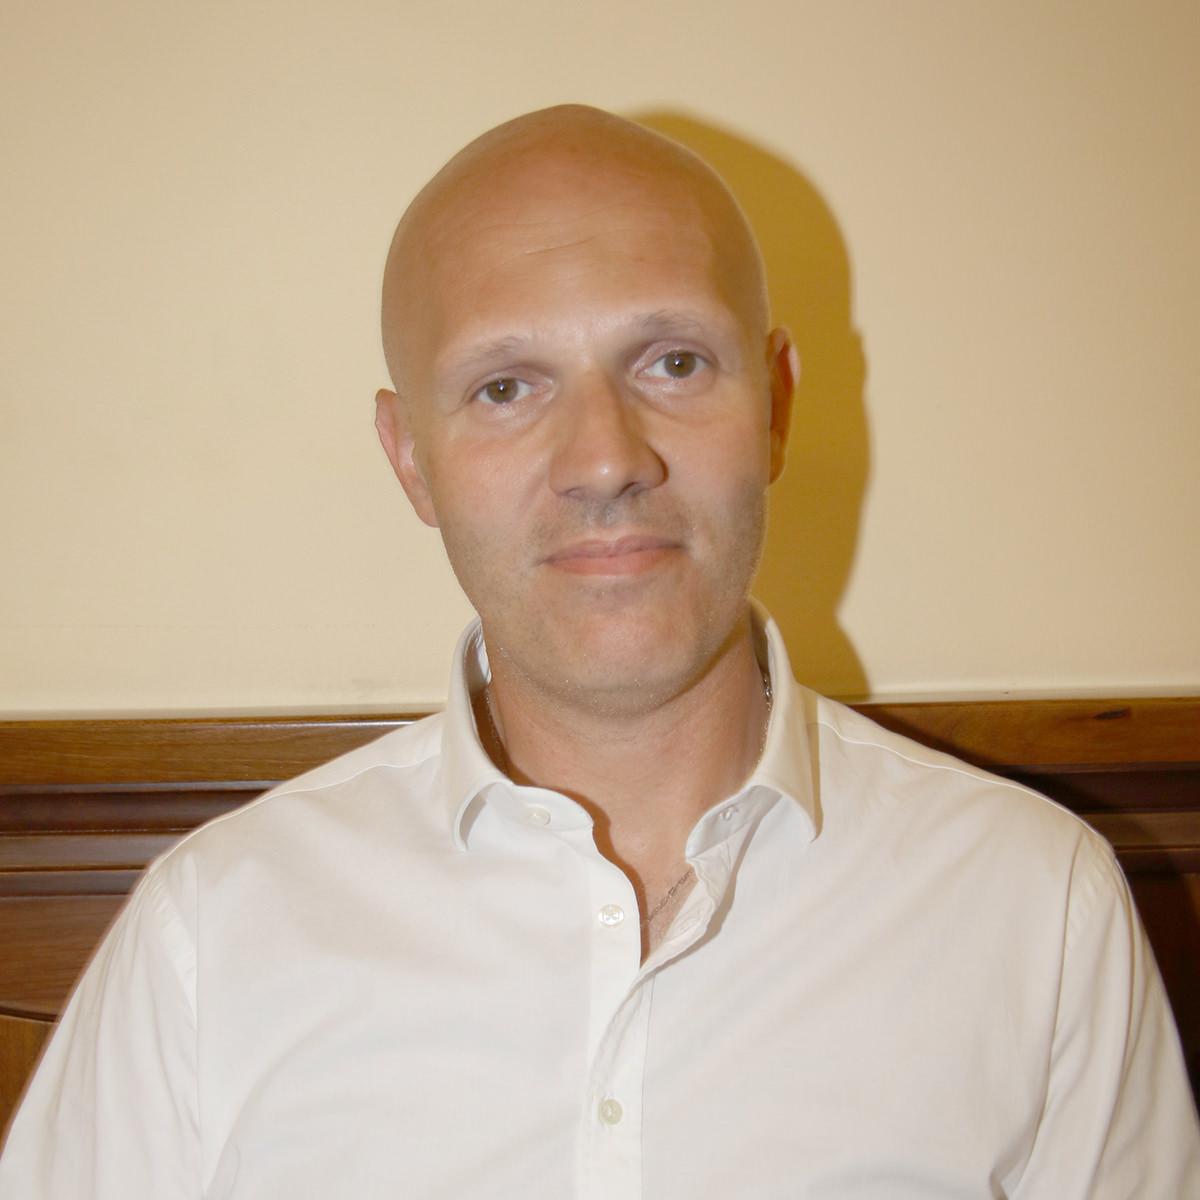 Consigliere Garbuglia